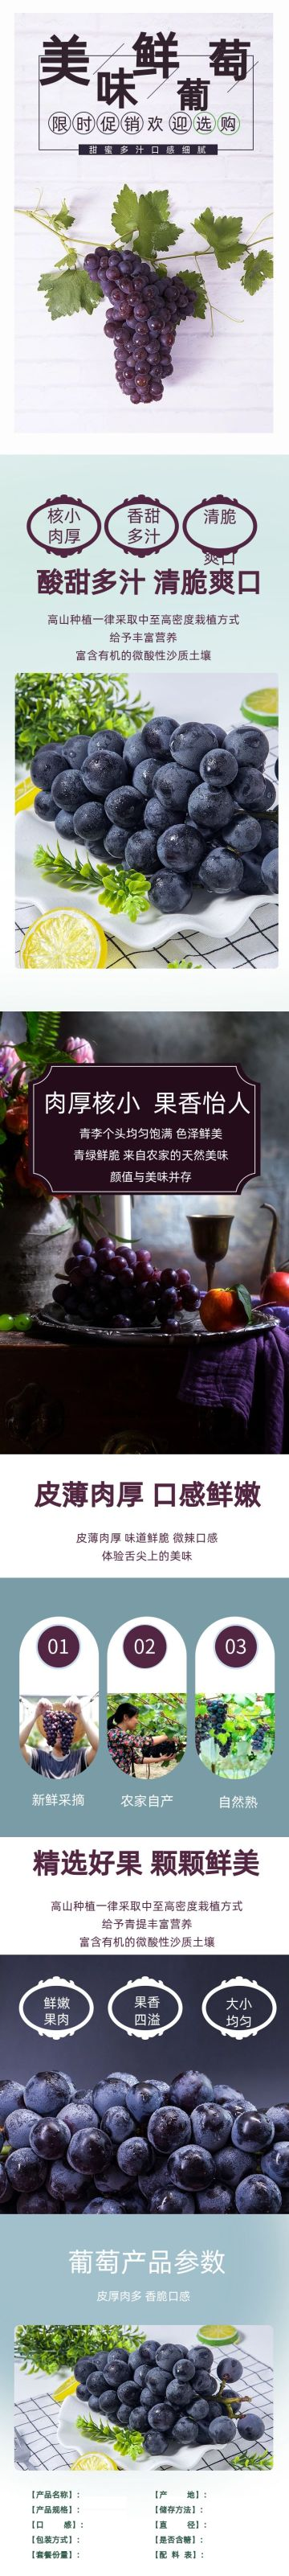 淘宝电商小清新水果类葡萄详情页面